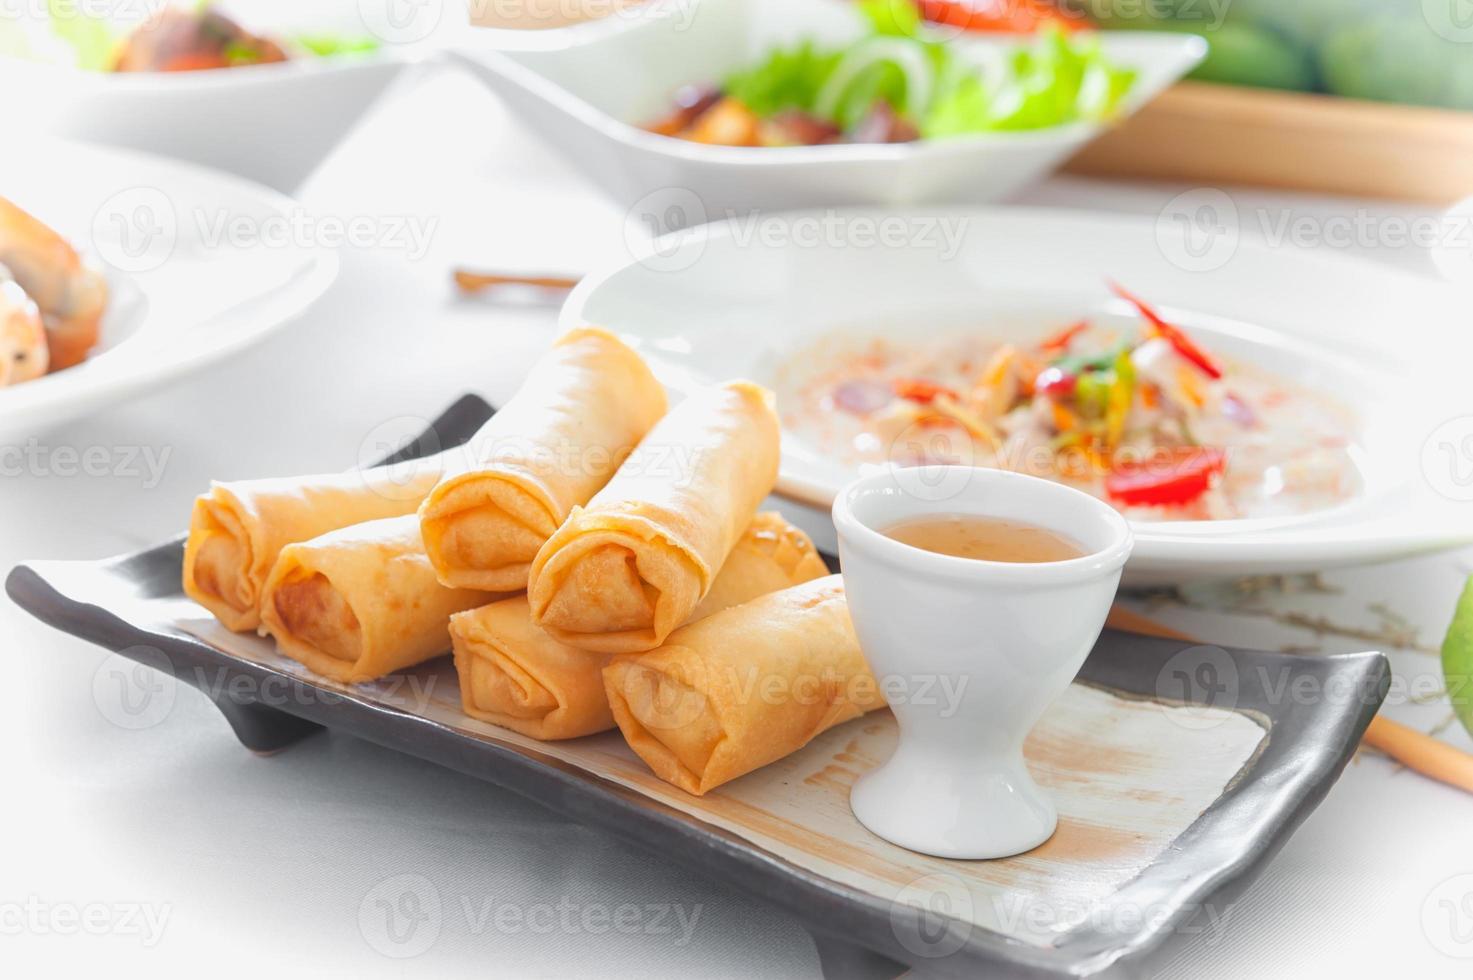 deliciosos rollitos de primavera tailandeses con salsa en el plato foto